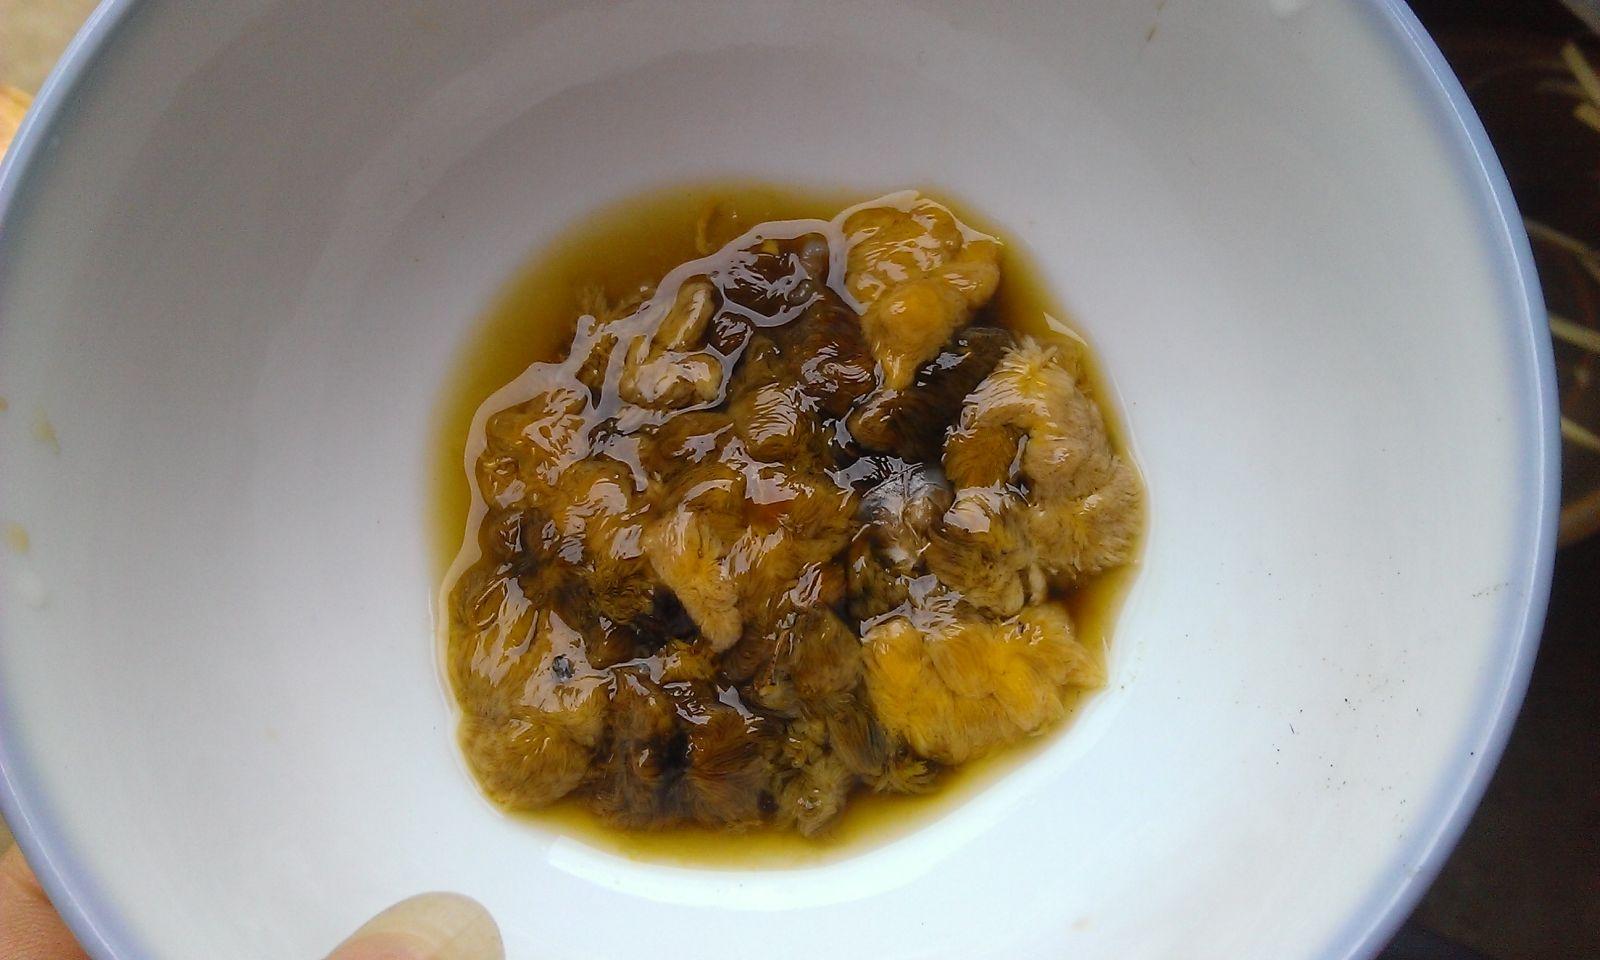 Cách làm xíu mại khô gạch cua thơm ngon đơn giản